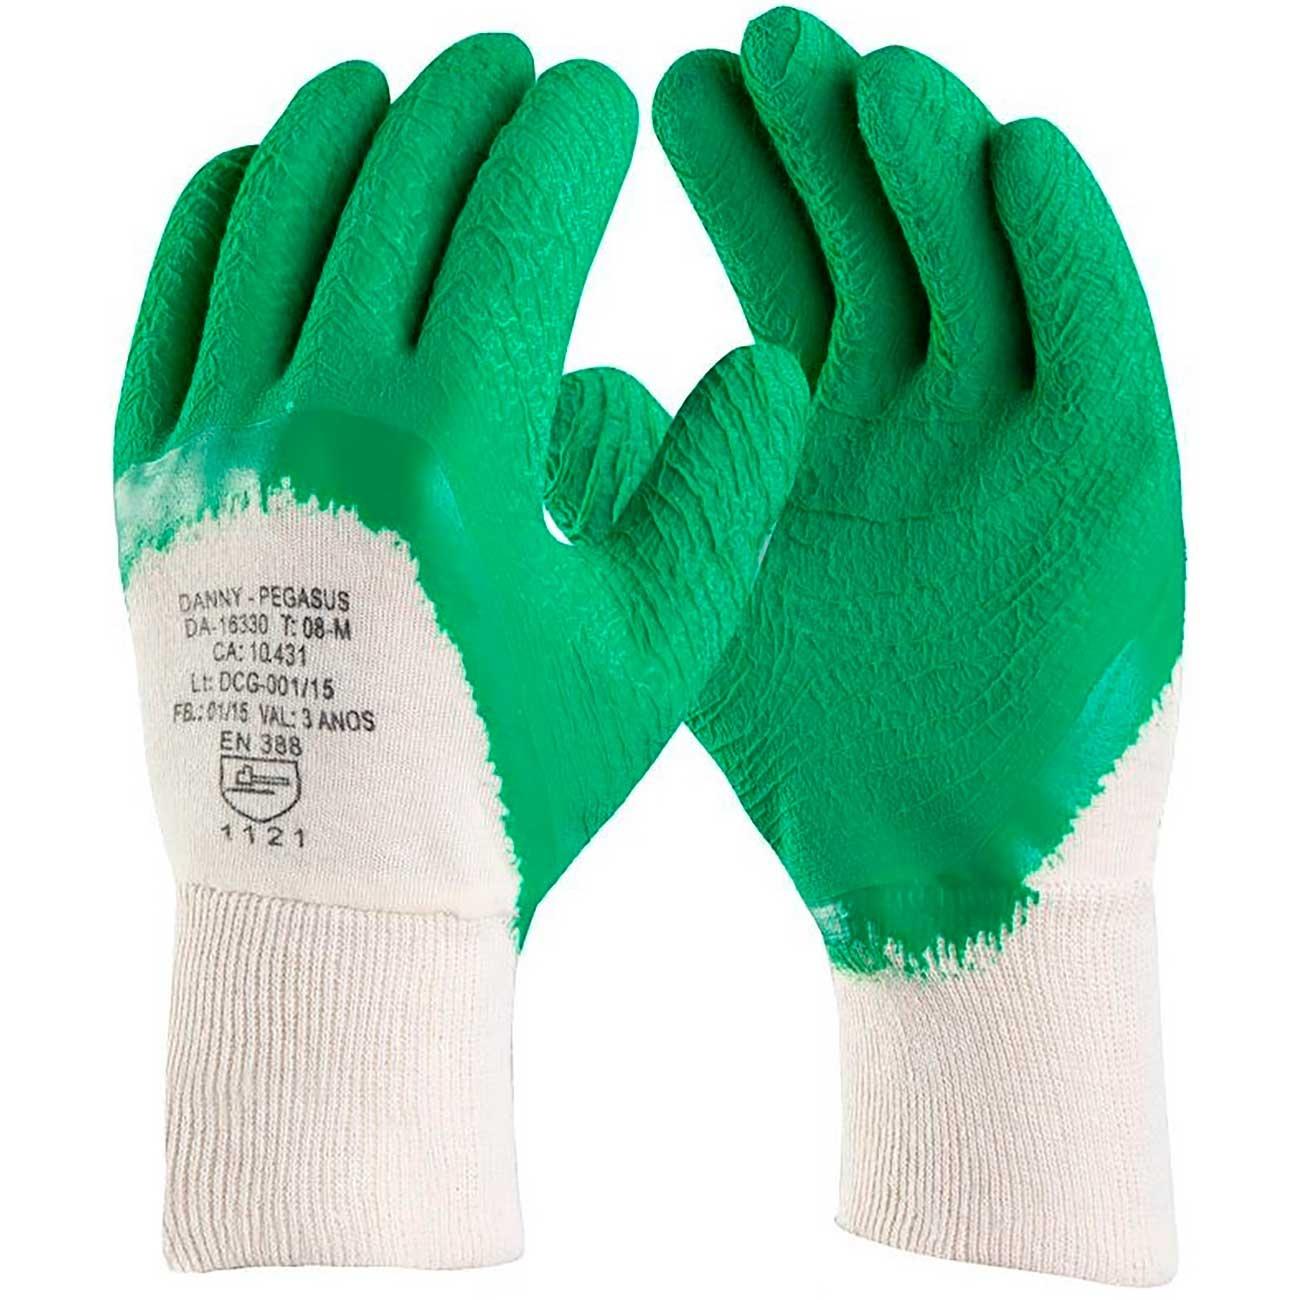 Luva De Seguran�a Danny Maxigip Verde